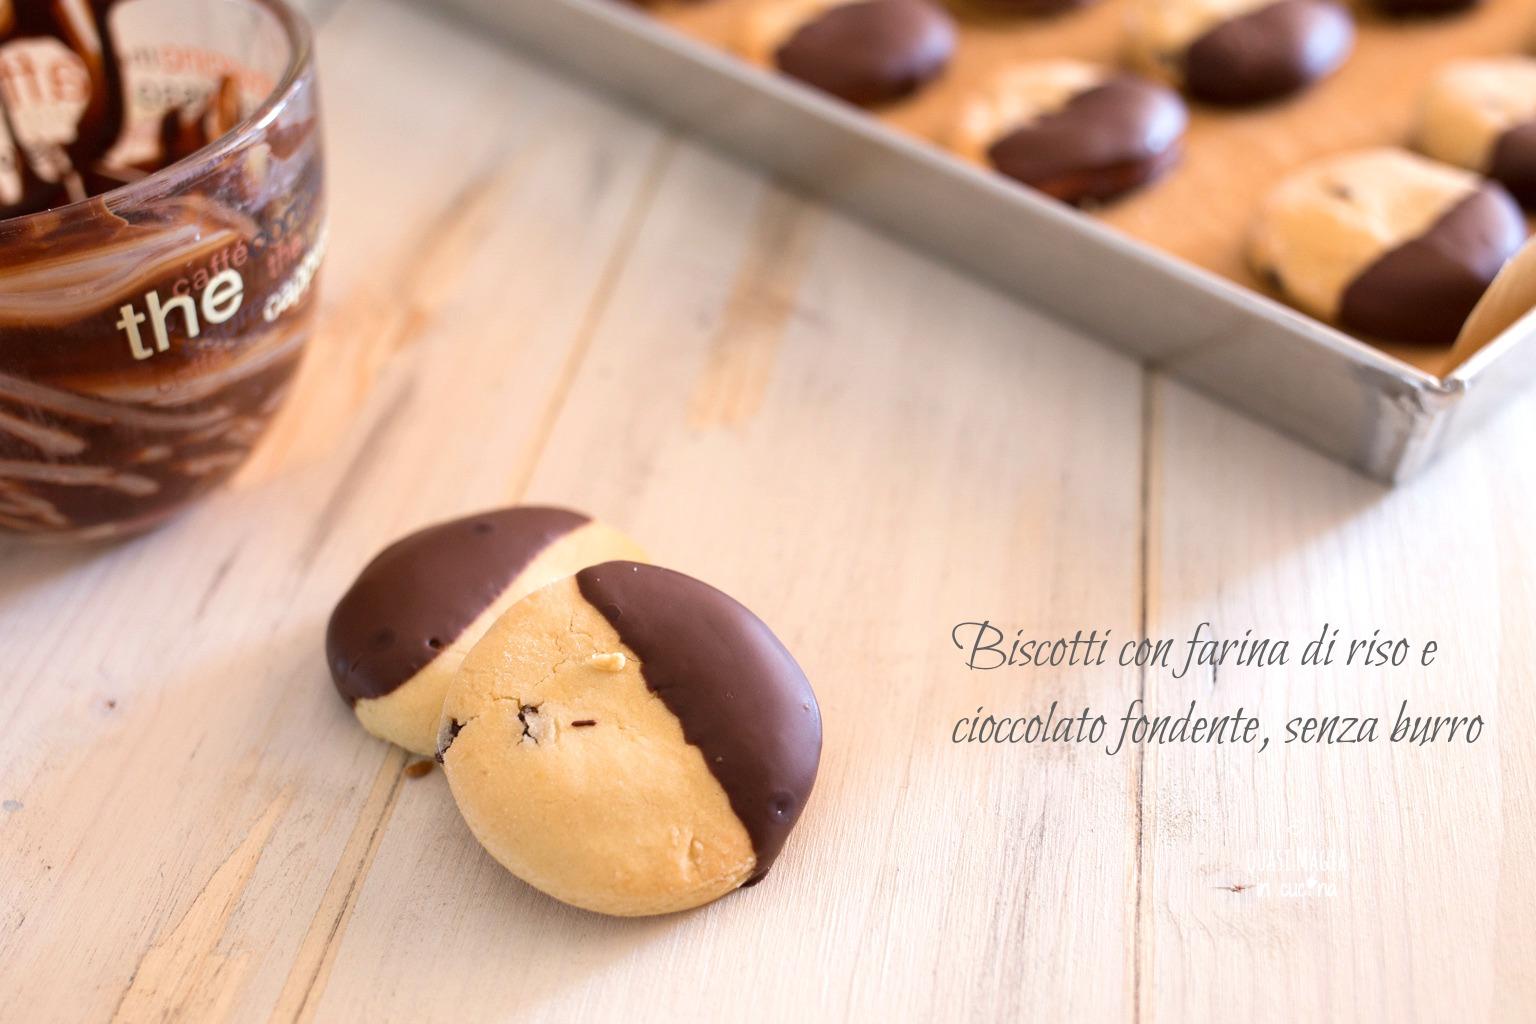 Biscotti con farina di riso e cioccolato fondente, senza burro e ...